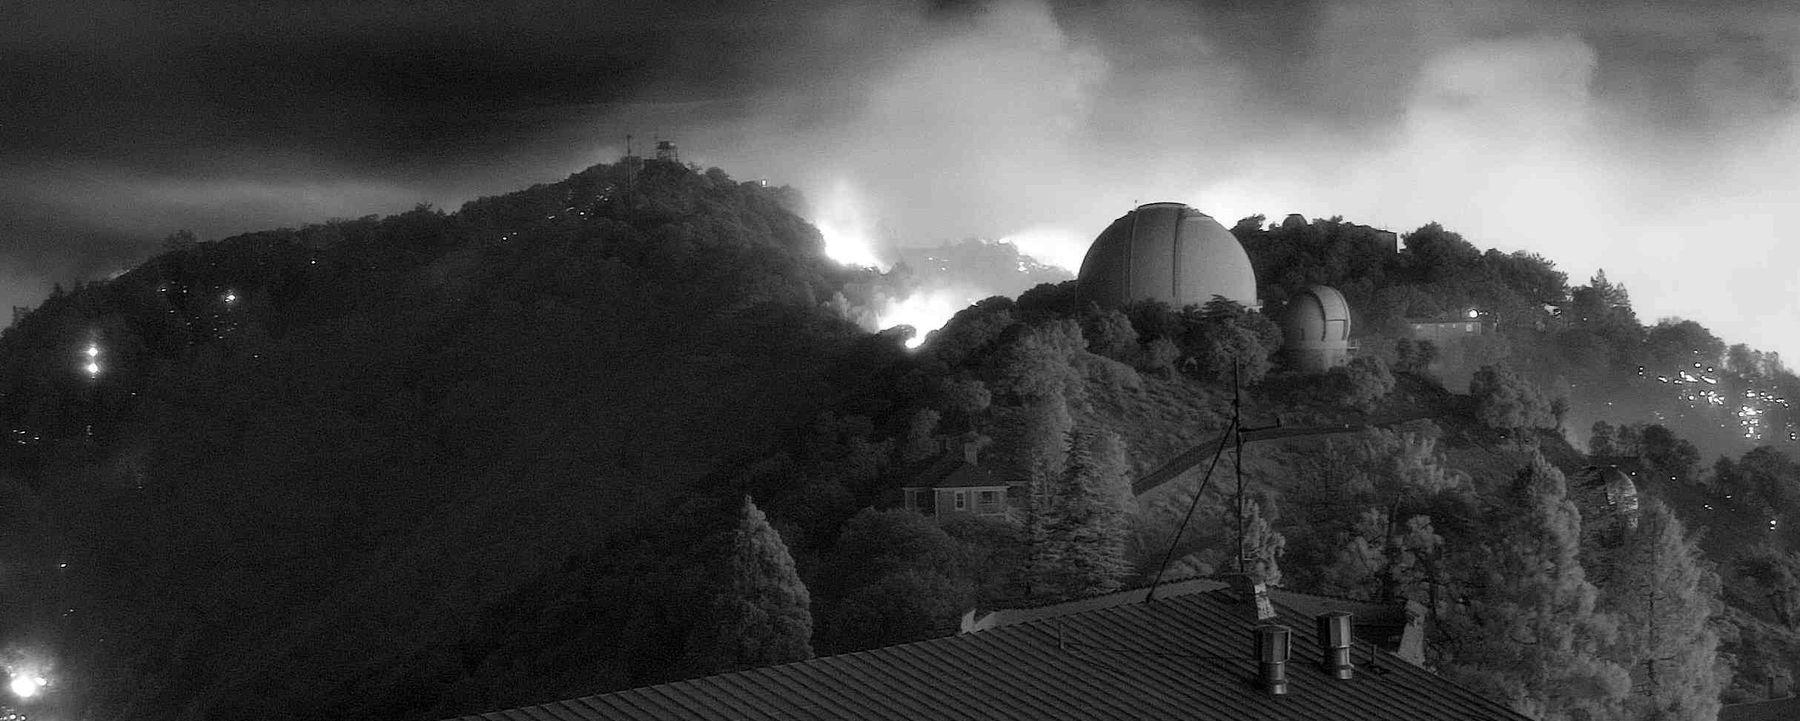 California Wildfires Threaten UC Campus, Telescopes